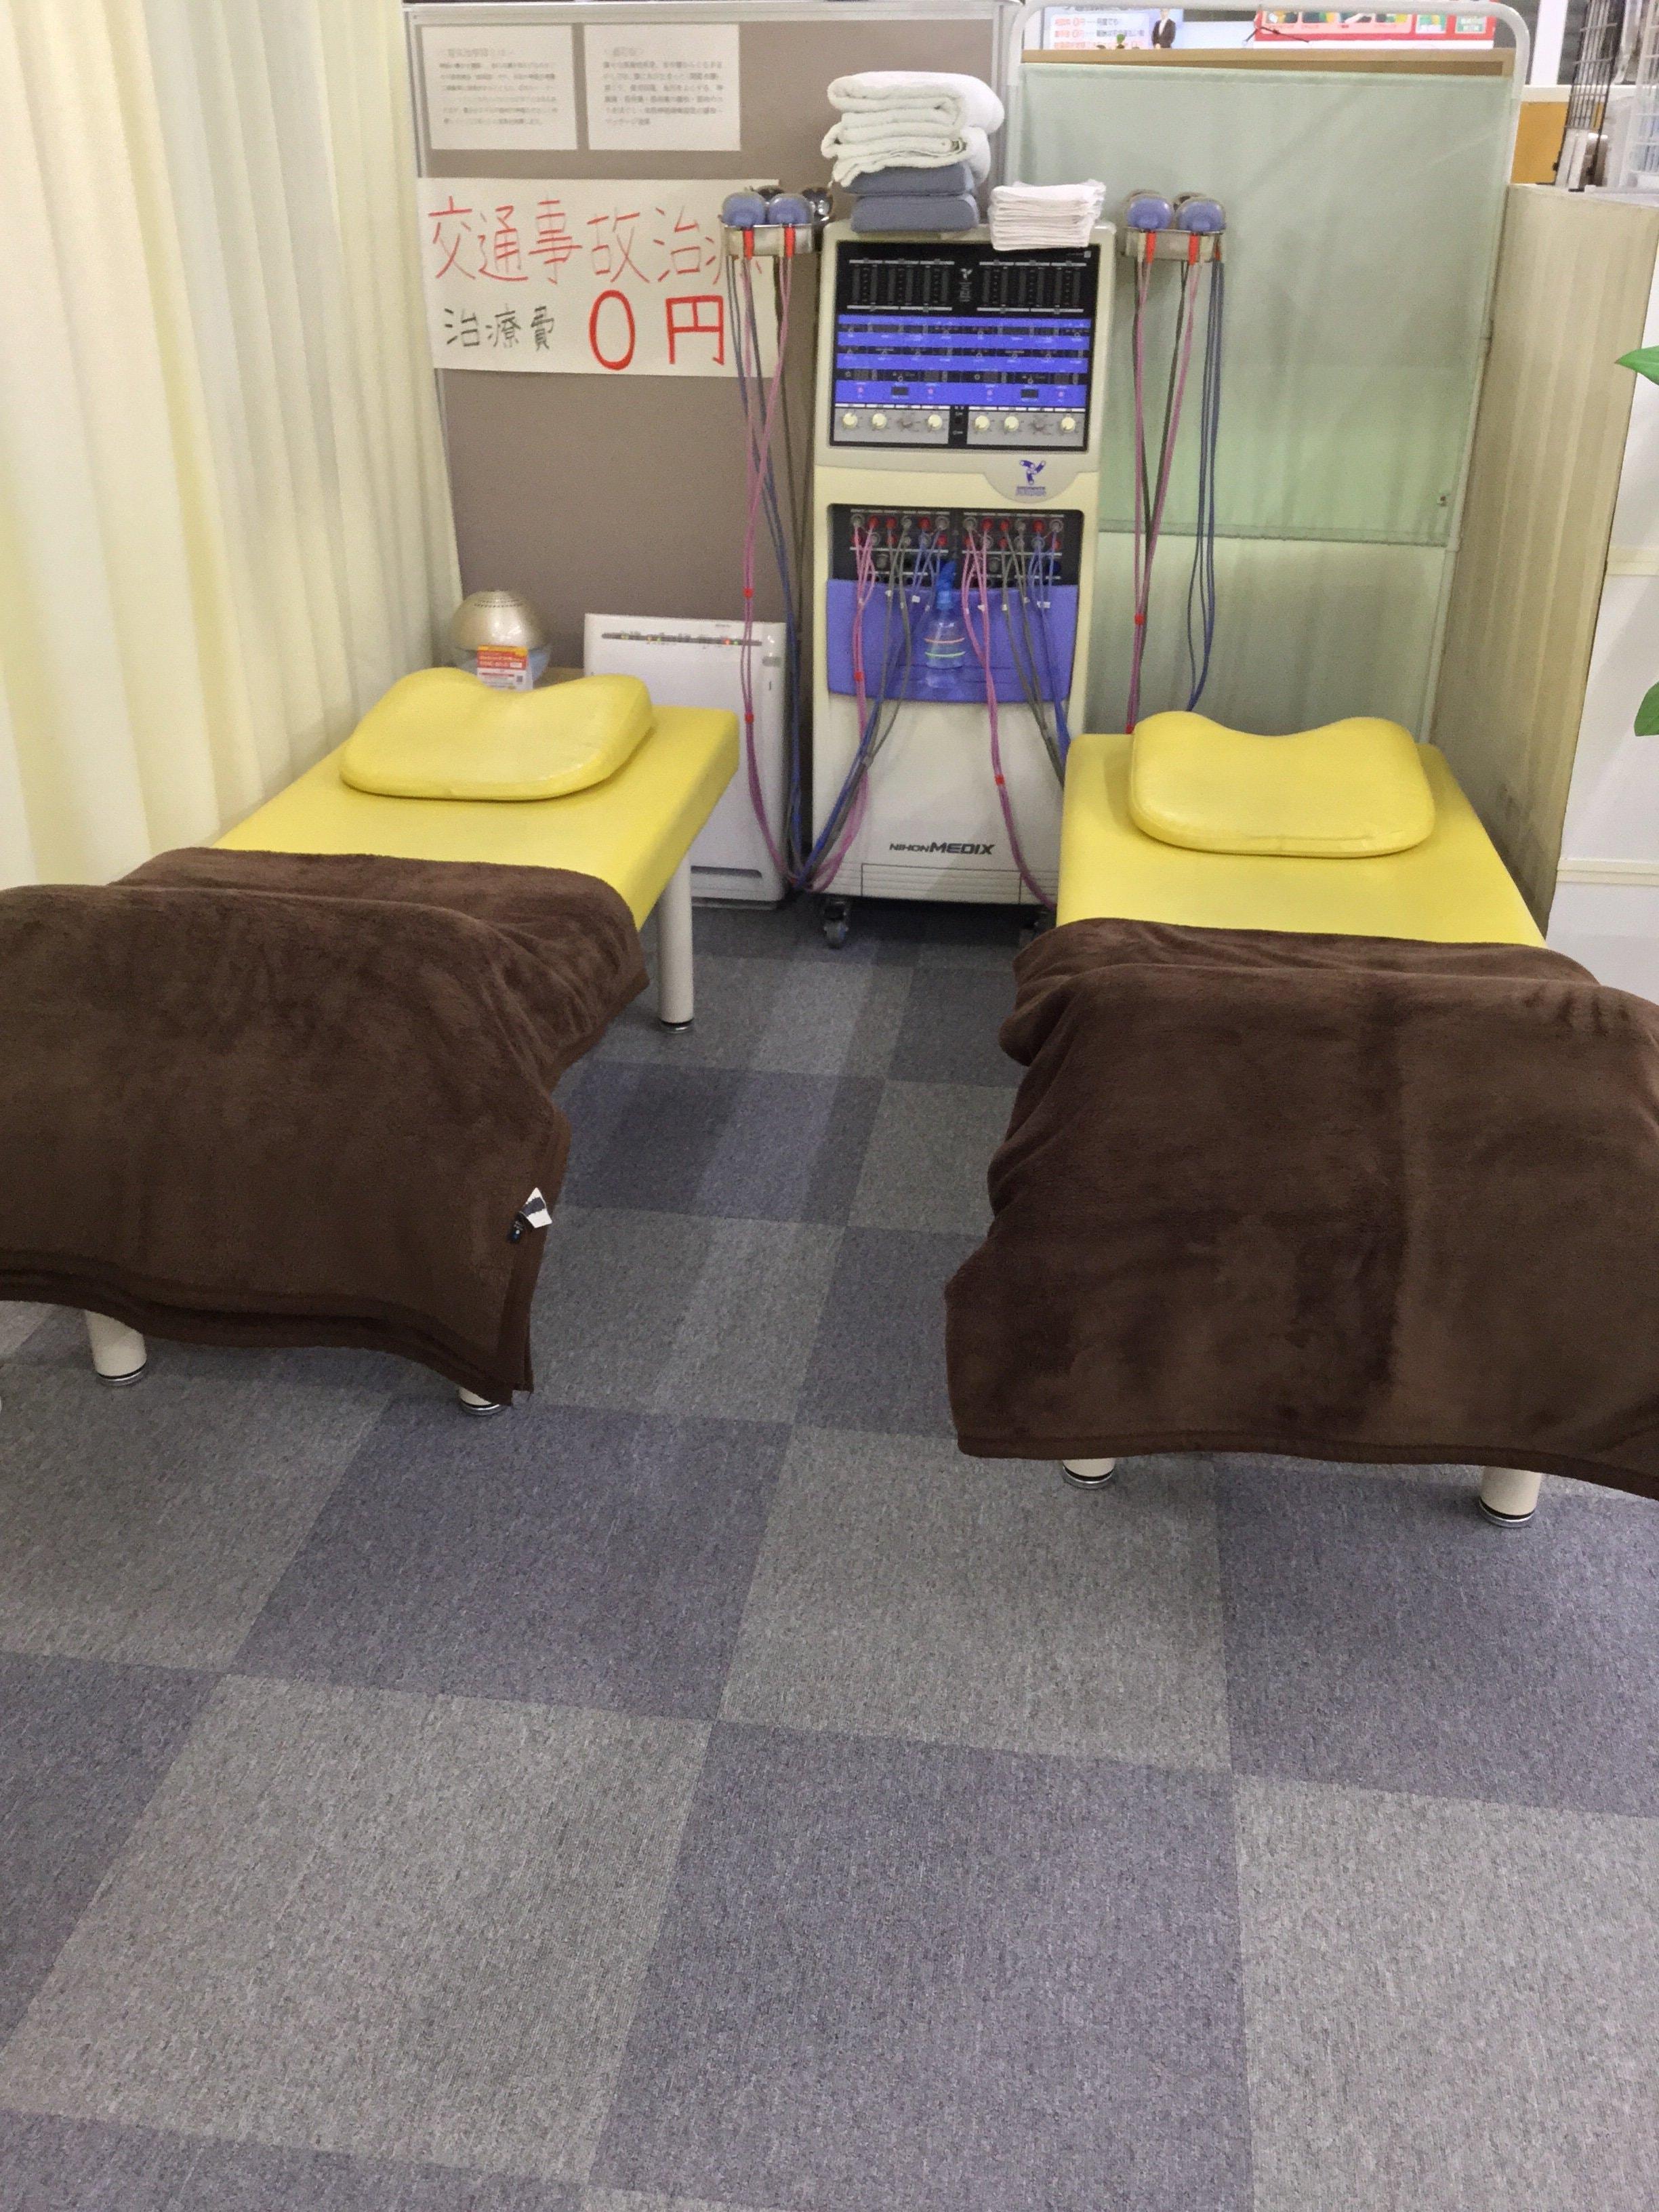 痛み、しびれ専門あおぎり整骨院・整体院 広島県広島市